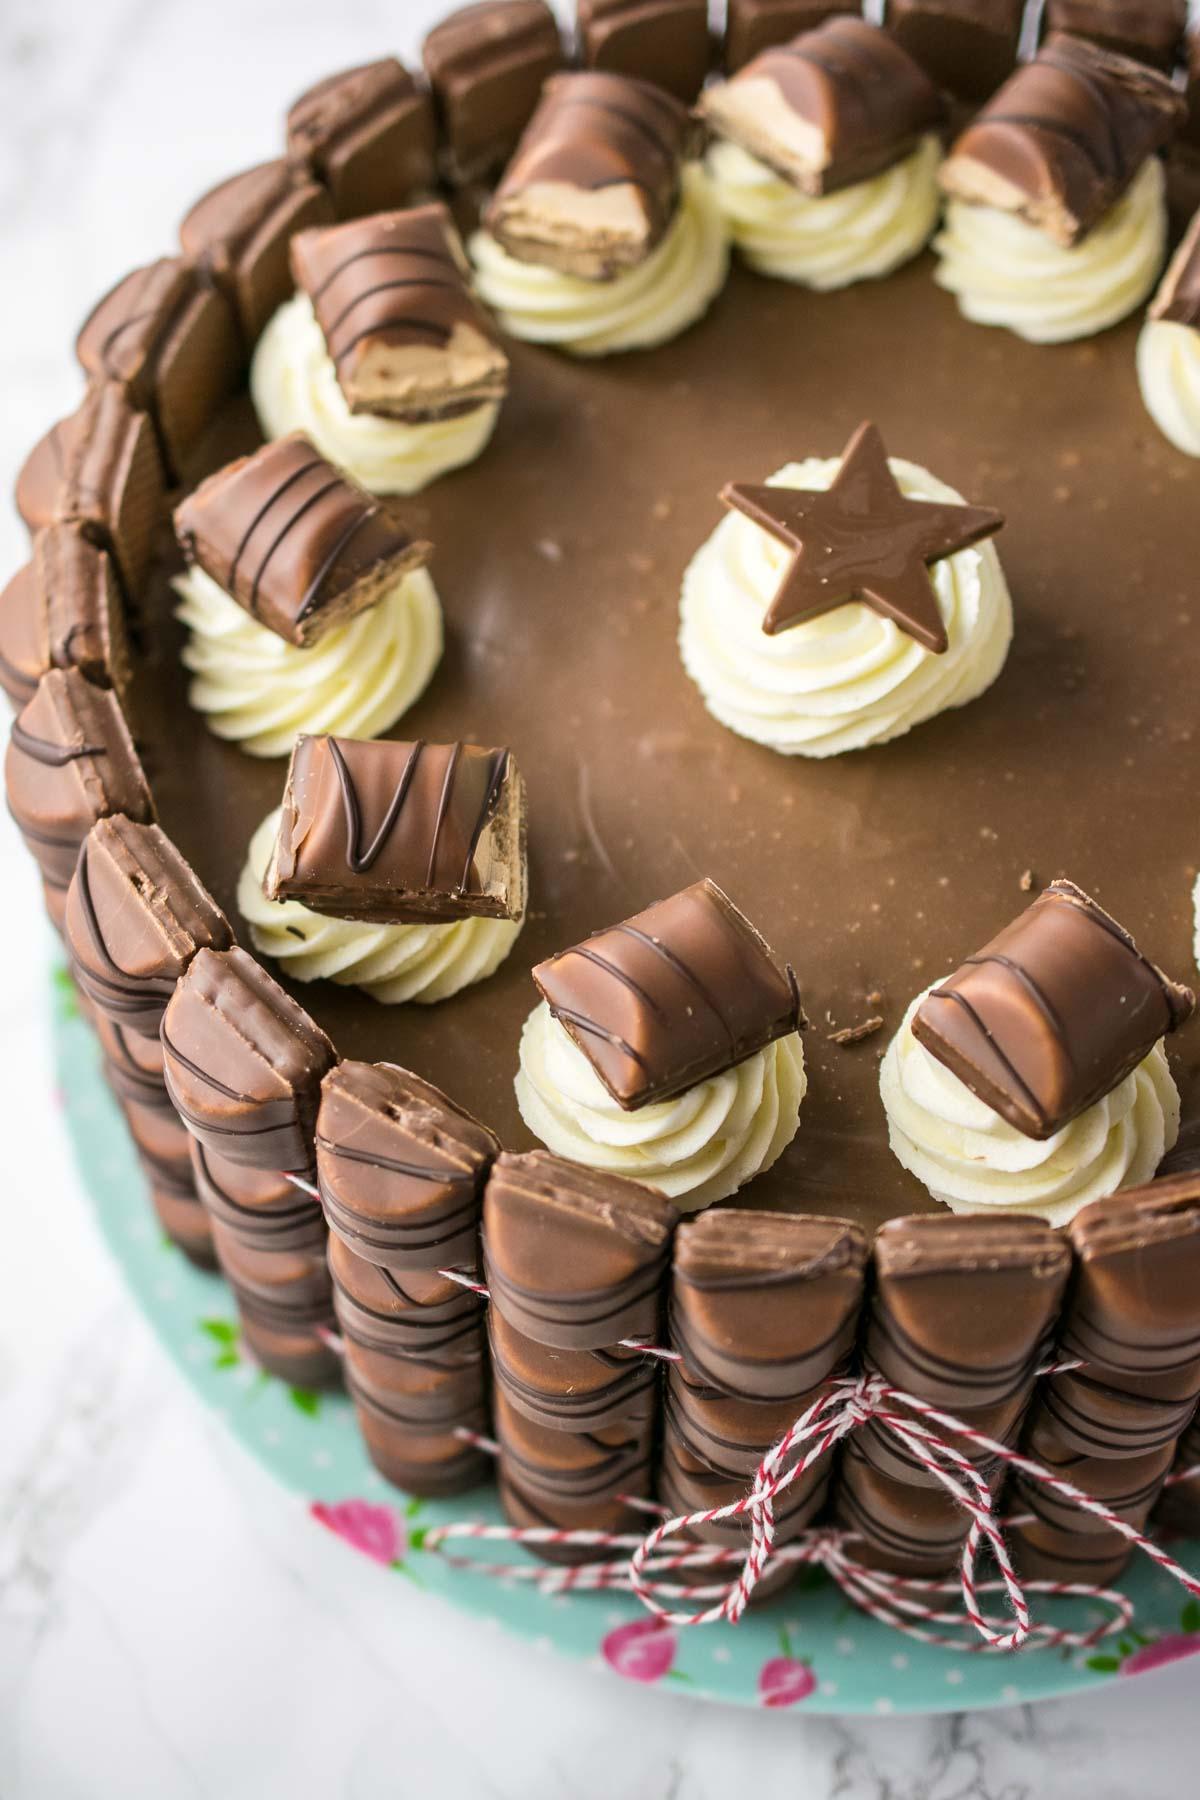 Kinder Chocolate Cake Recipe